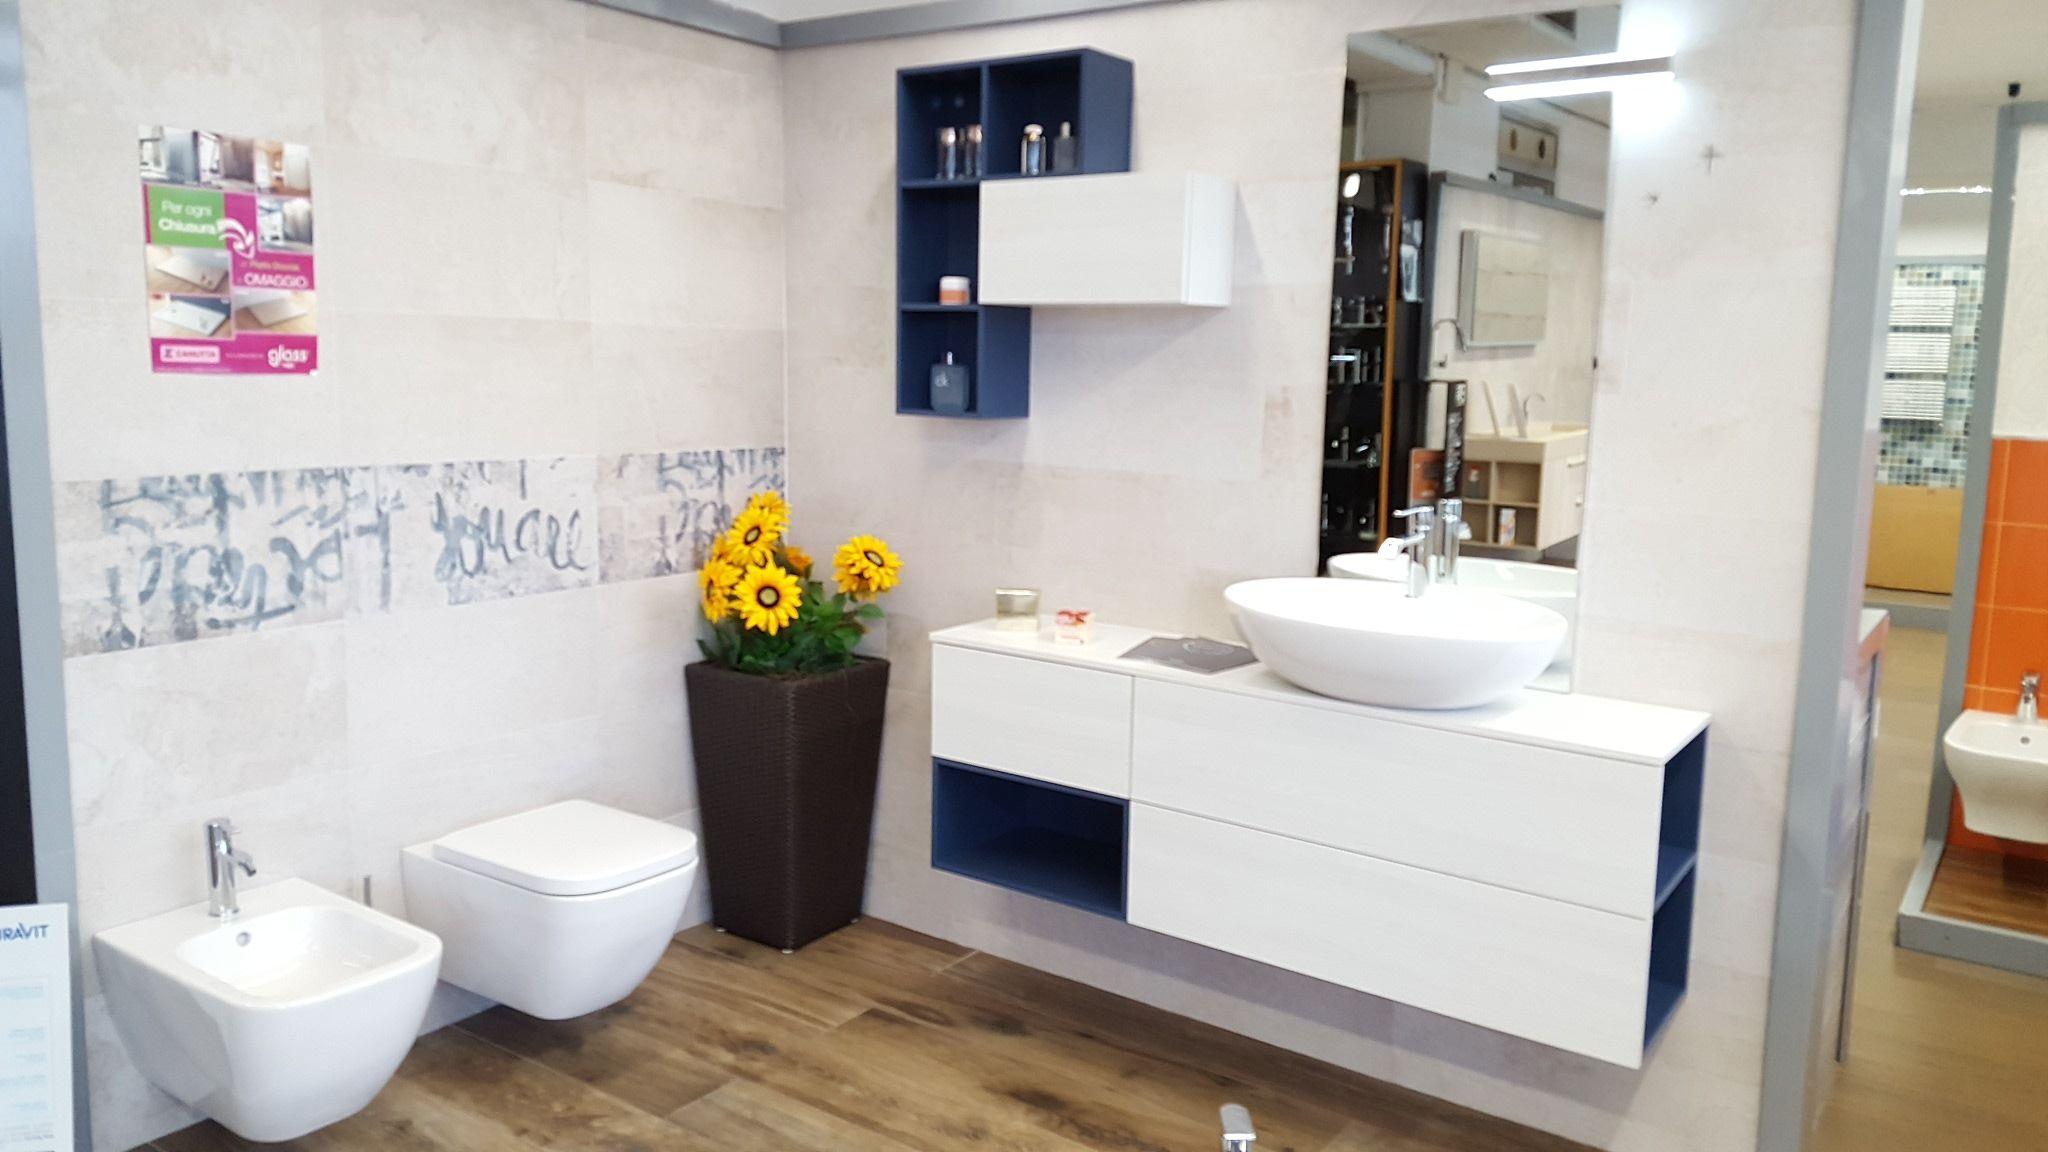 Tante idee e novità per il tuo bagno sono arrivate nel nostro